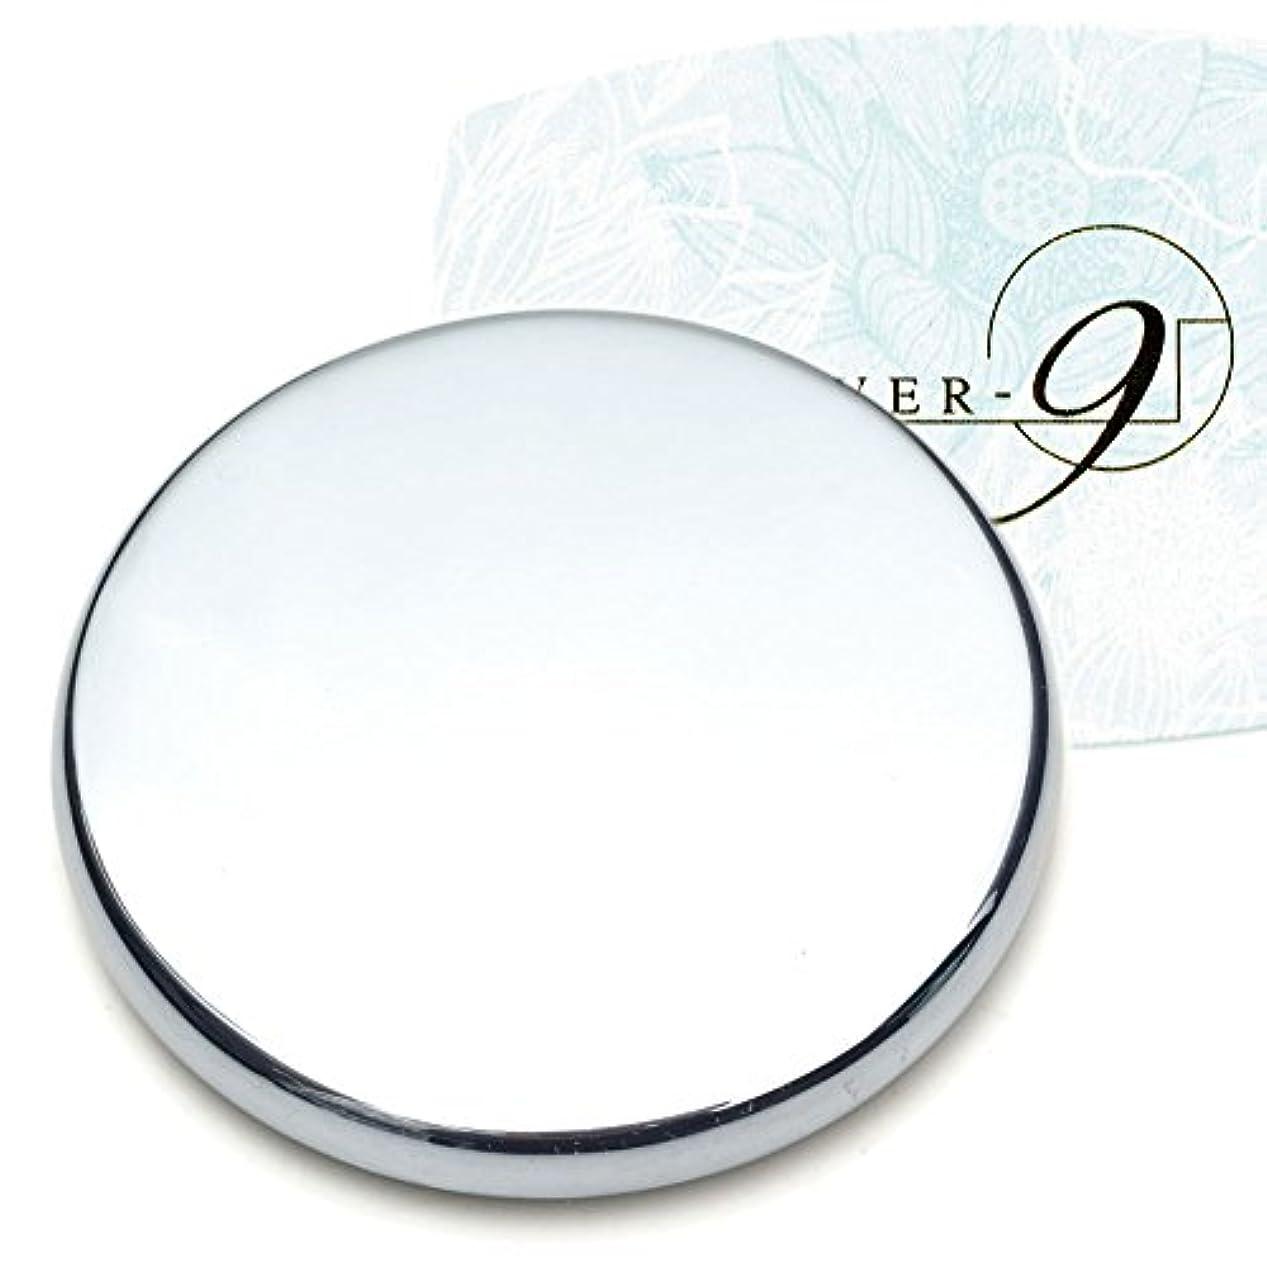 消化器ペンダントジュニア[OVER-9®] テラヘルツ鉱石 エステ用 丸型 円盤 プレート 公的機関にて検査済み!パワーストーン 天然石 健康 美容 美顔 かっさ グッズ お風呂